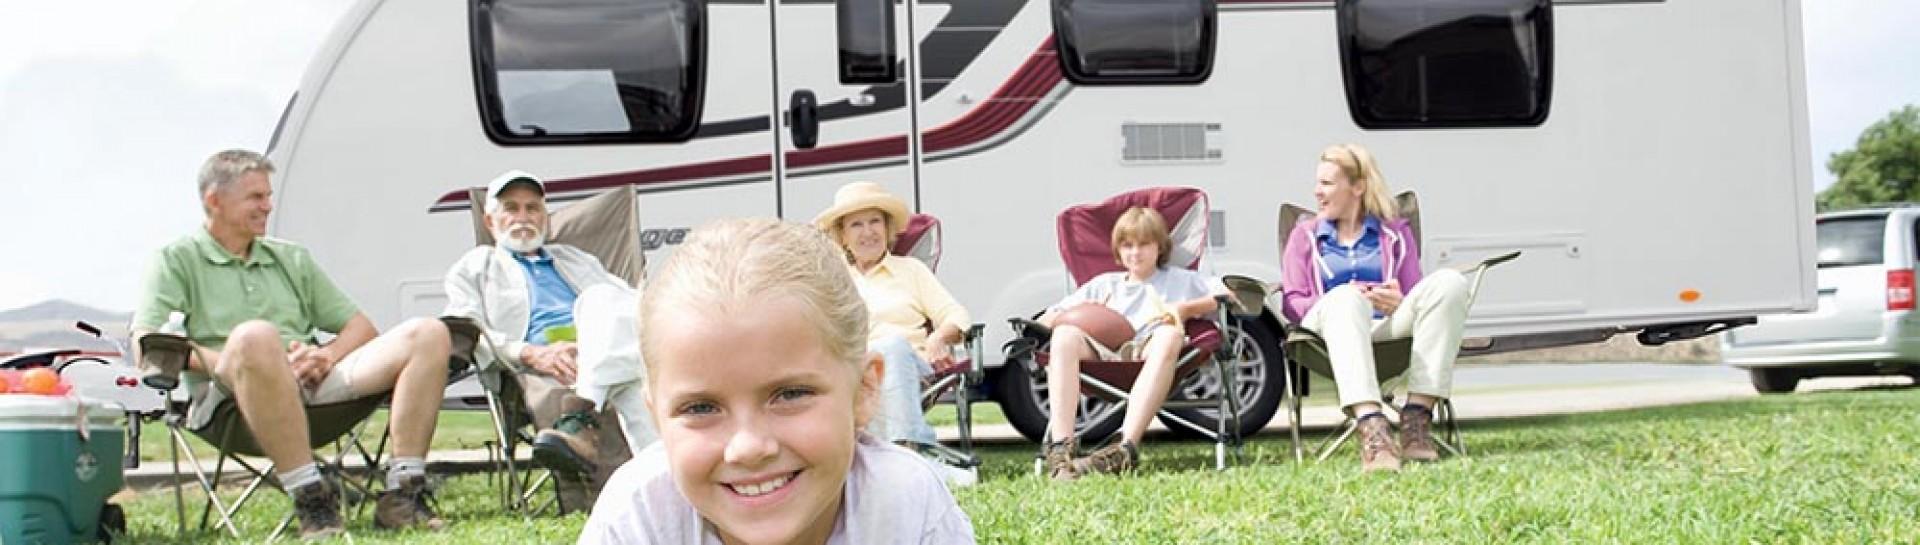 Wij houden van kamperen! U ook? Dan bent u aan het juiste adres!